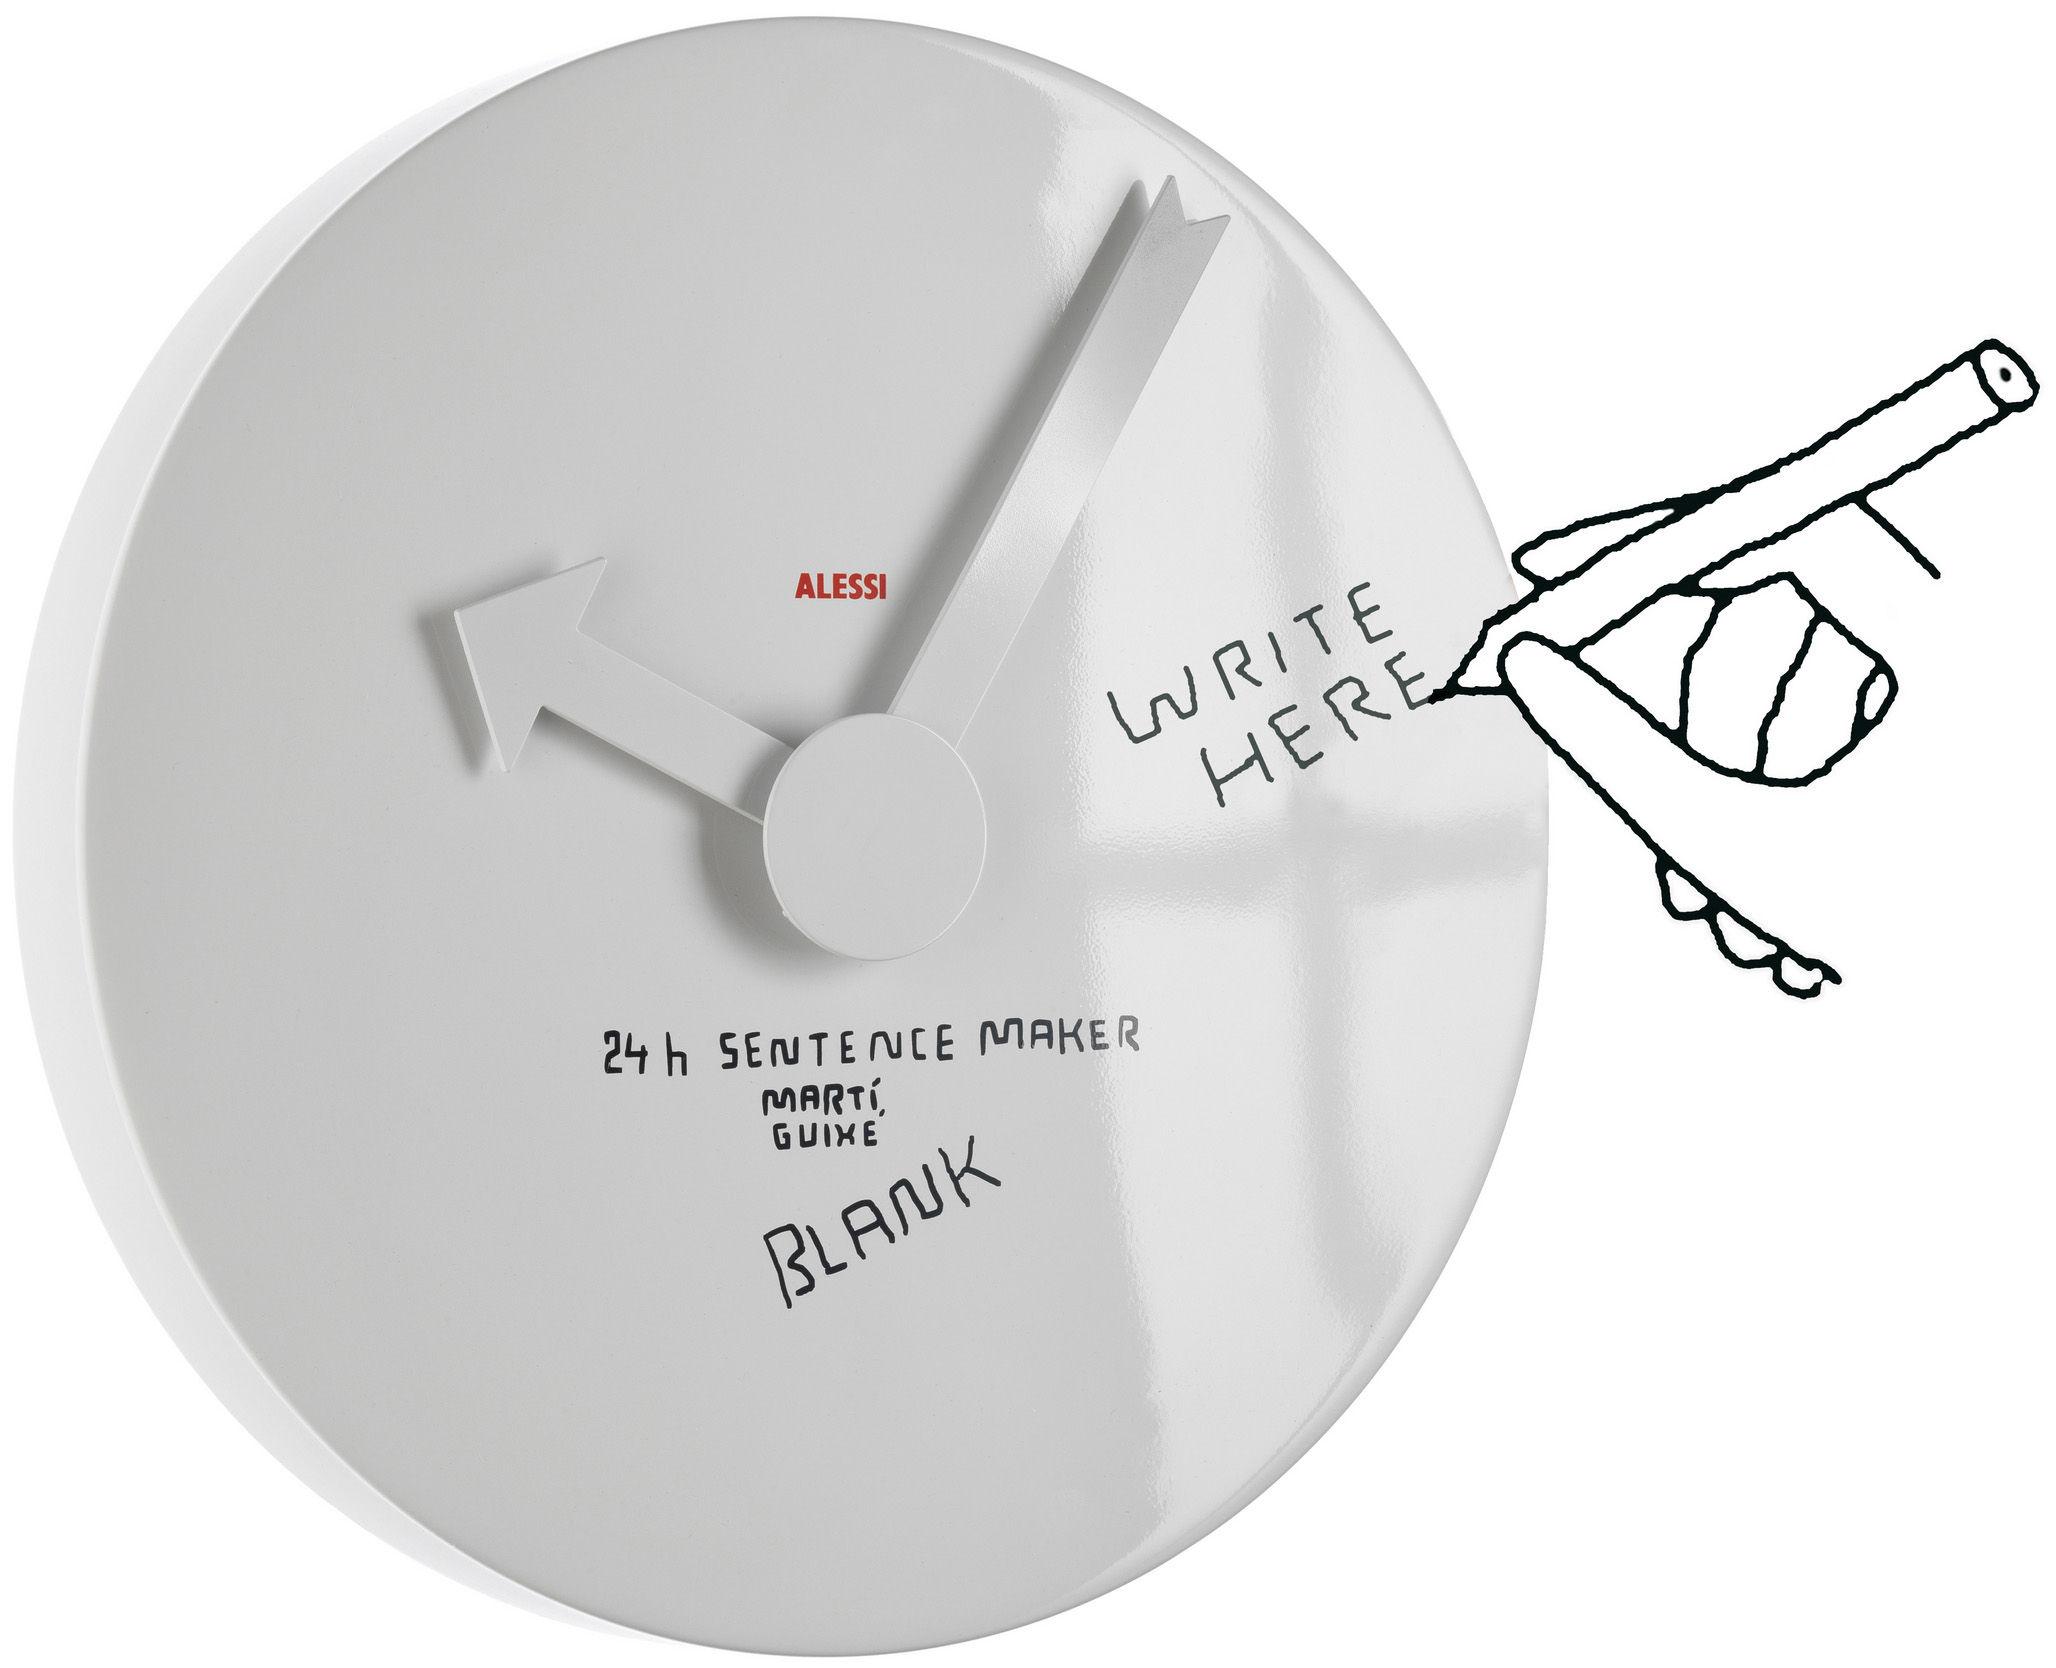 Déco - Horloges  - Horloge murale Blank / Personnalisable - Alessi - Blanc - Aluminium